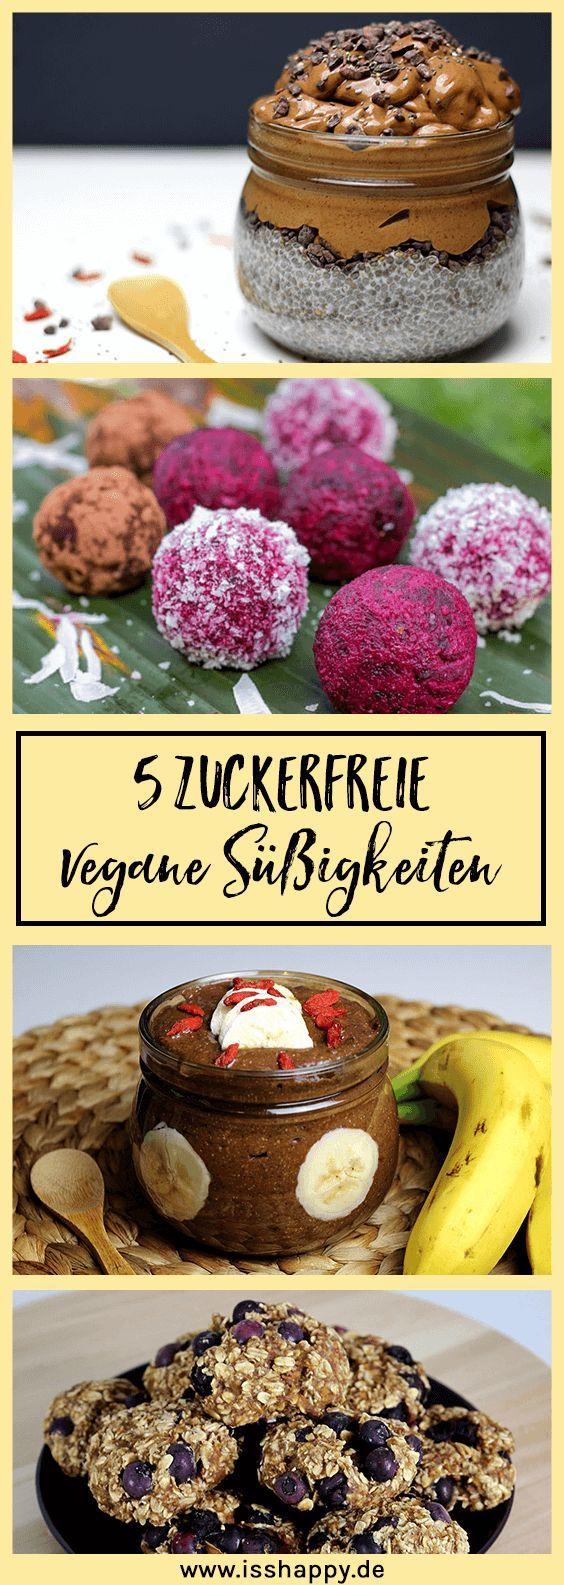 5 gesunde Rezepte für vegane zuckerfreie Süßigkeiten #sugarfree